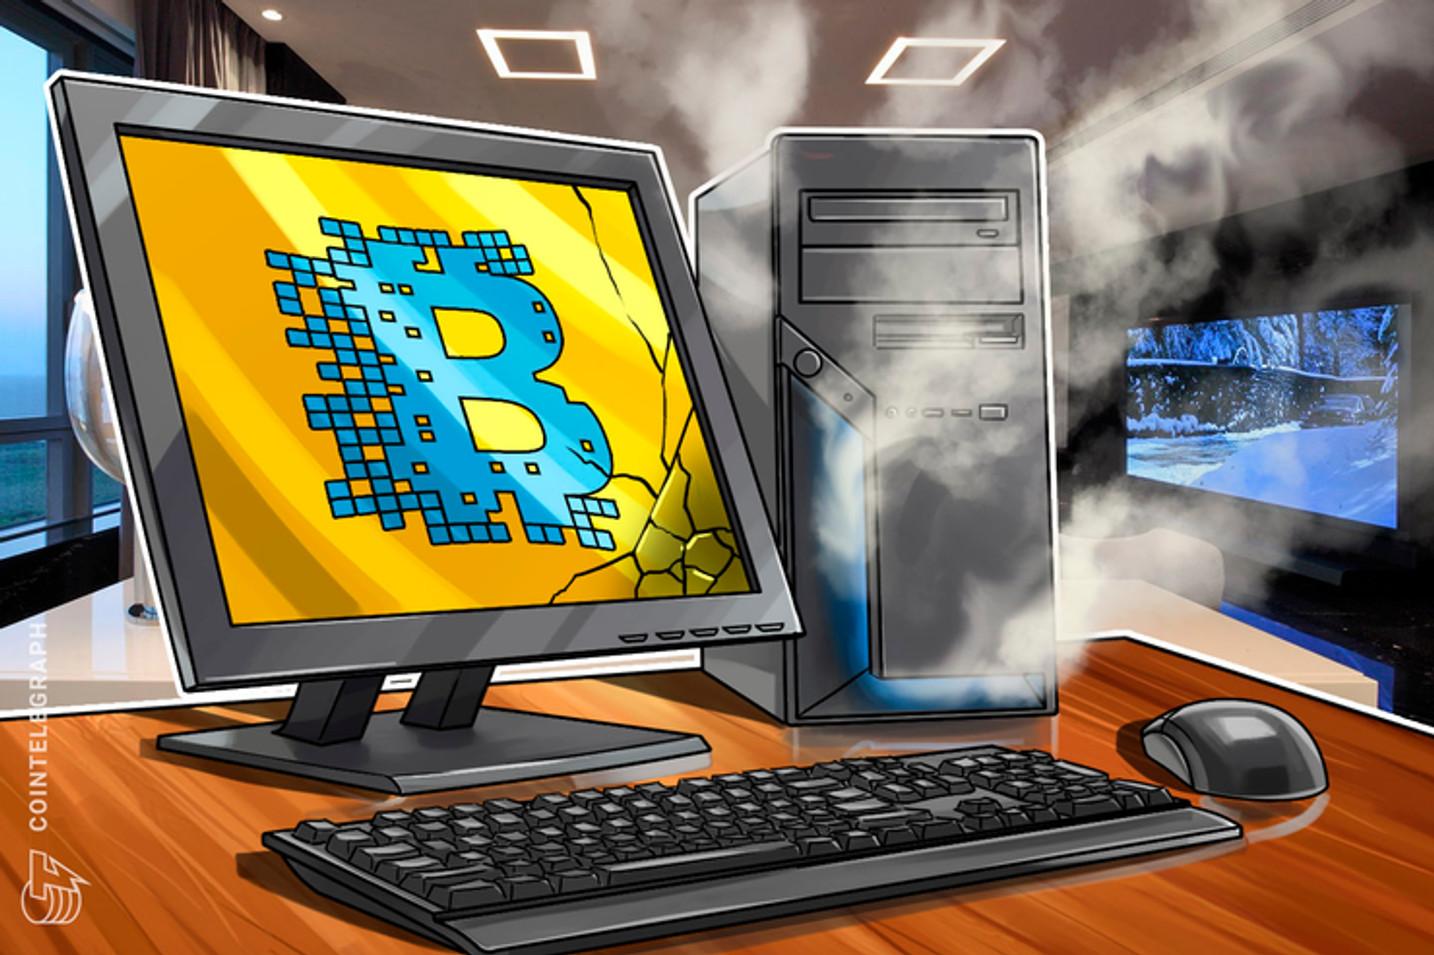 Pânico: Bitcoin cai mais de 20% na semana e recua para US$ 6.500; analistas já falam em queda a US$ 2.500